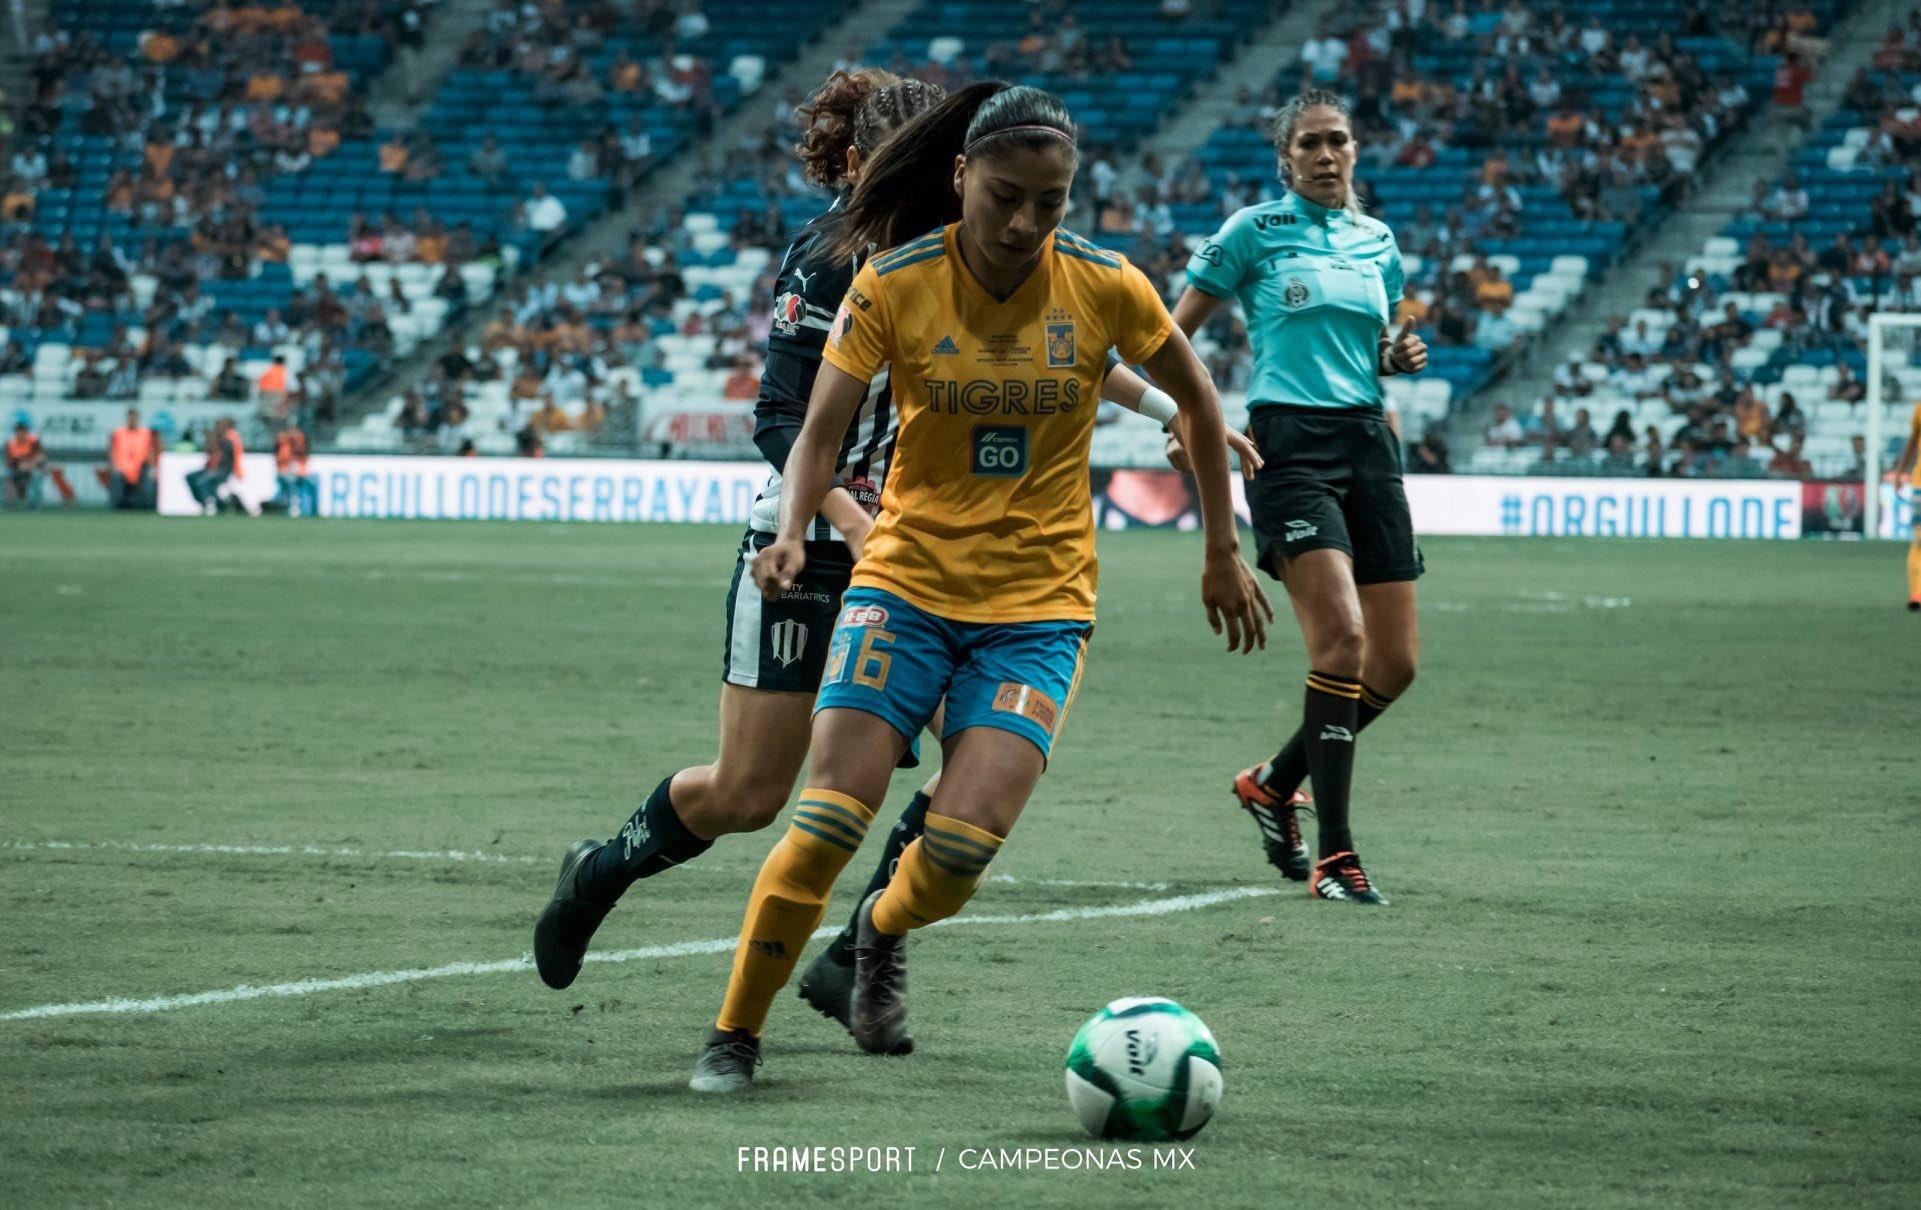 Tigres Vs Monterrey Horario Y Donde Ver En Vivo La Final De La Liga Mx Femenil Estadio Deportes